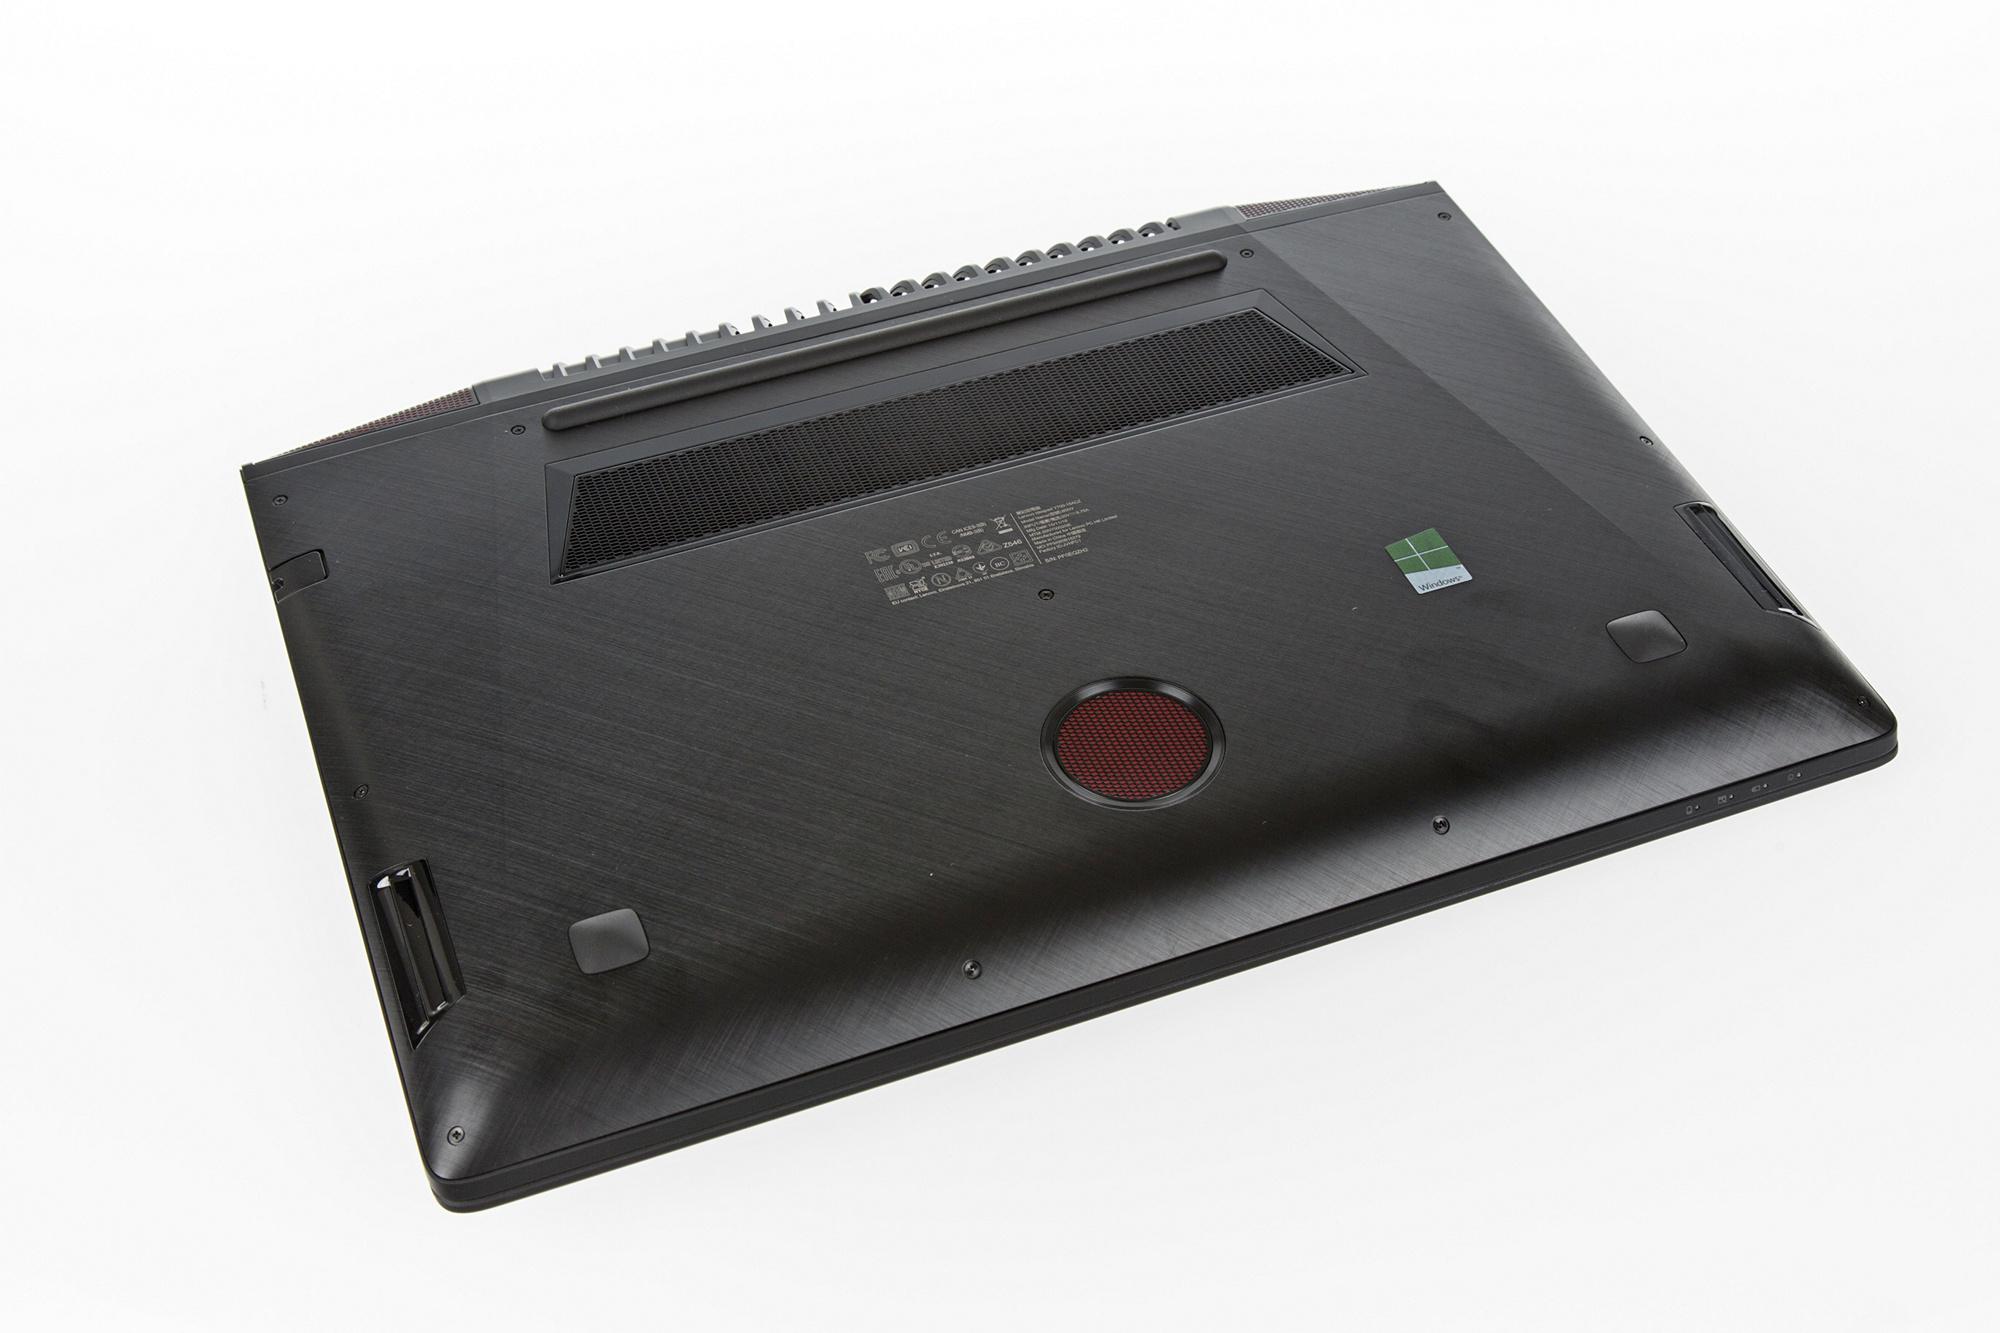 Display: AMD bringt HDMI- und Notebook-Freesync und HDR-Grafikkarten - Lenovo Ideapad Y700 (Foto: Martin Wolf/Golem.de)